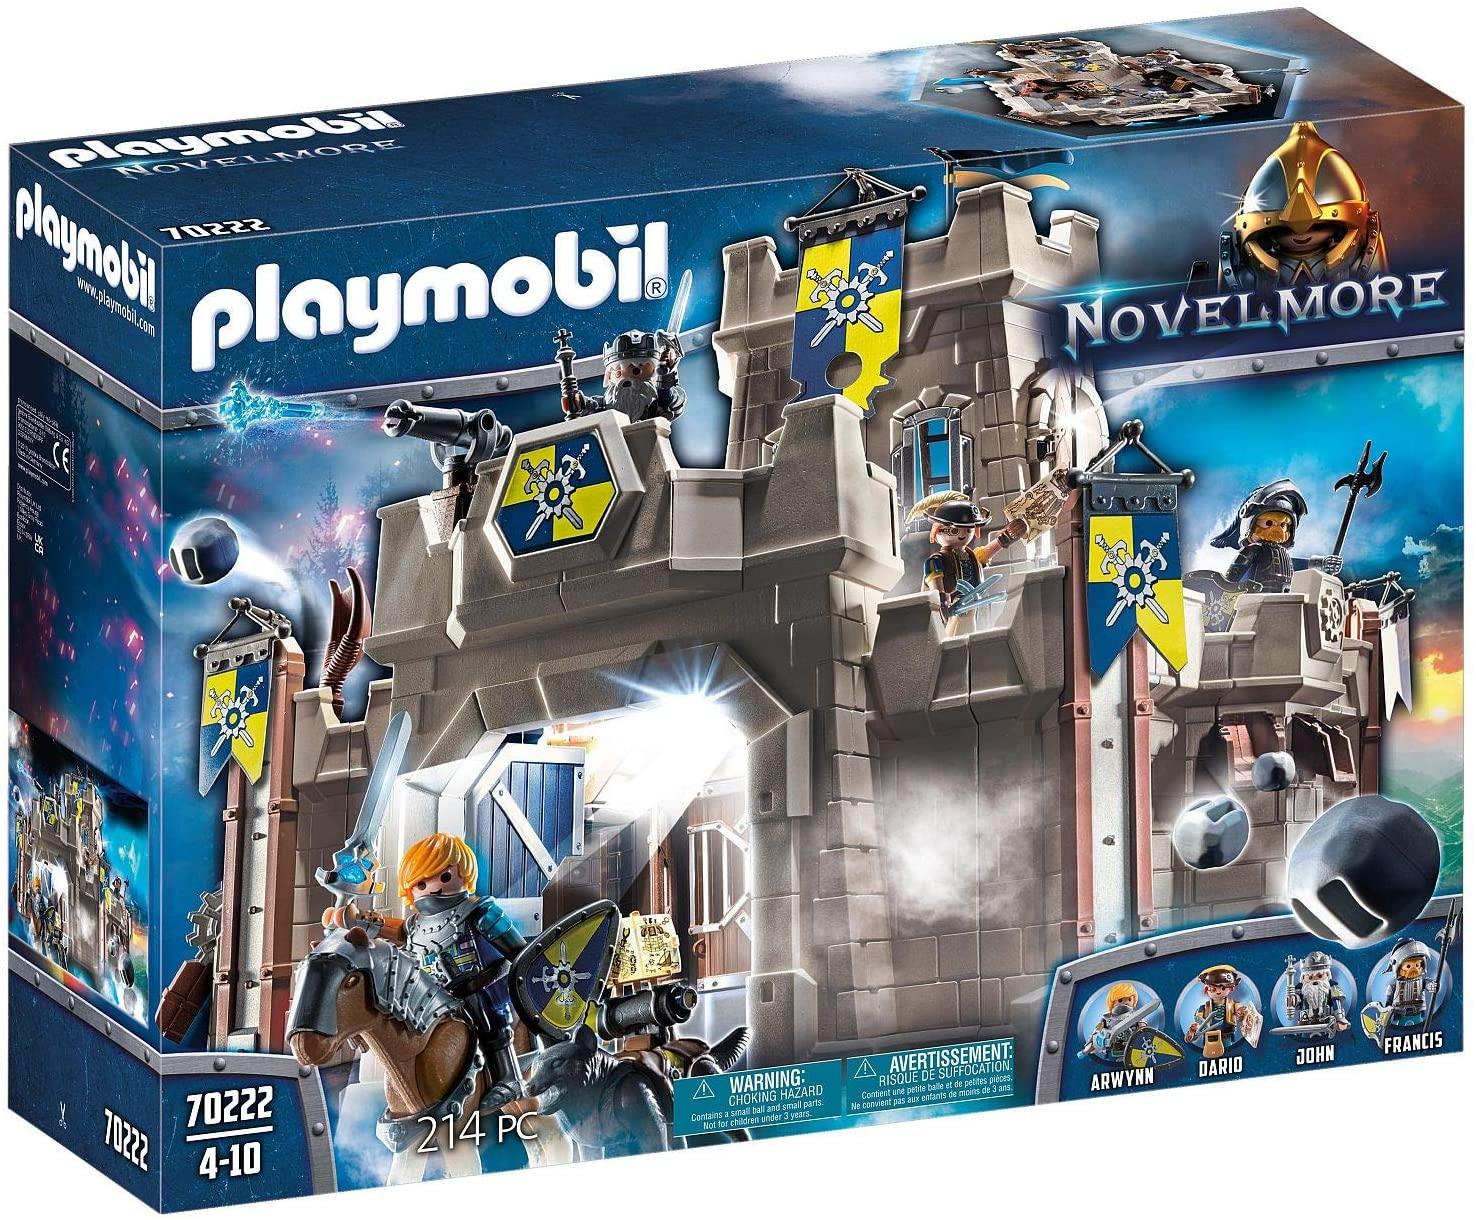 PLAYMOBIL Castillo Novelmore